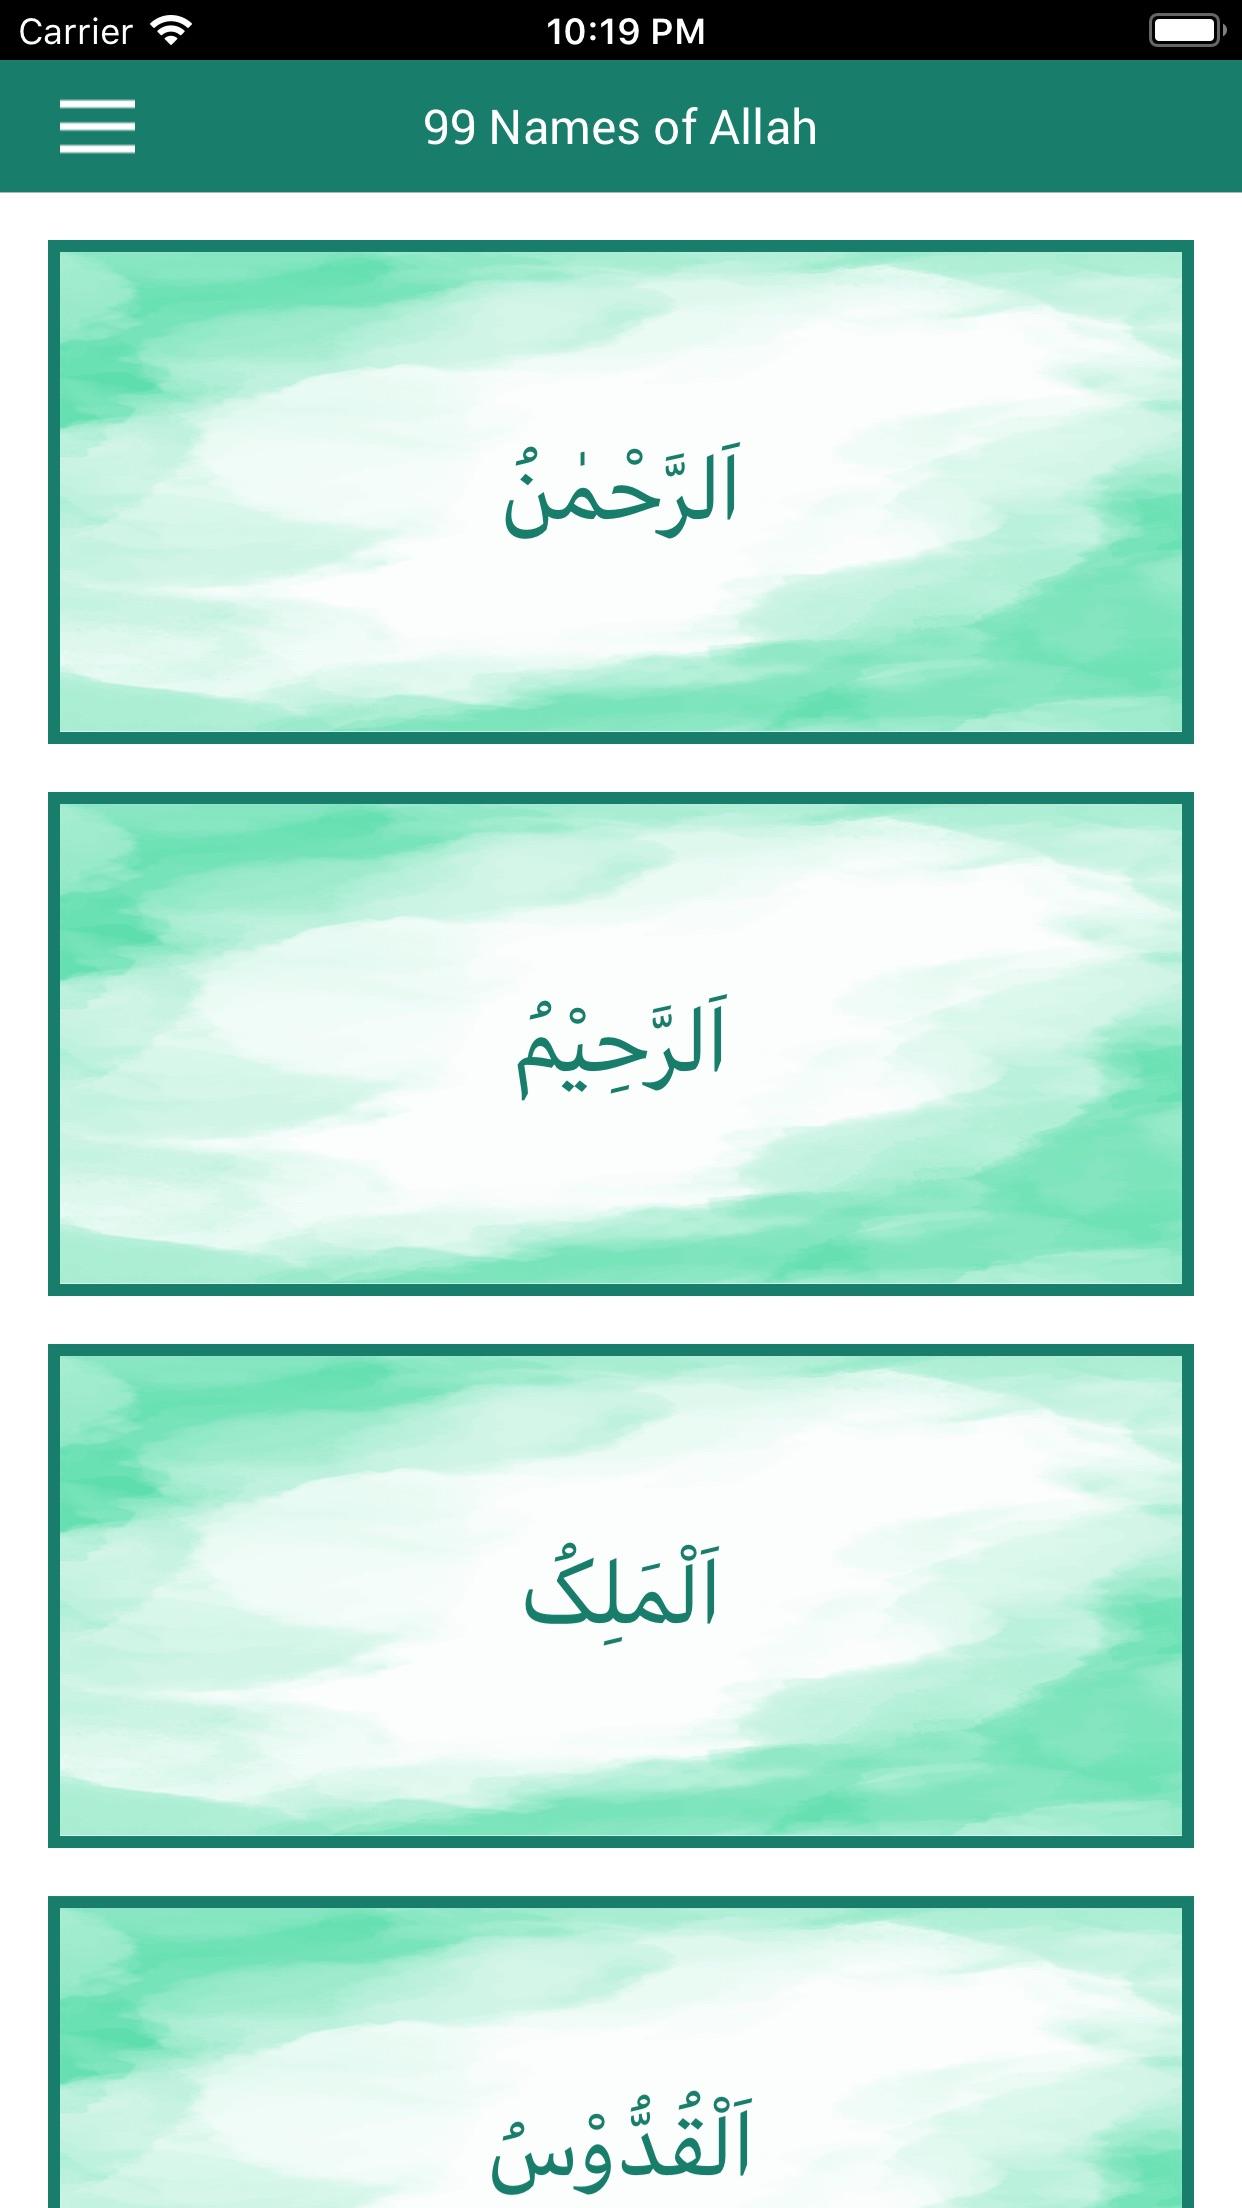 Name Of Allah Screenshot